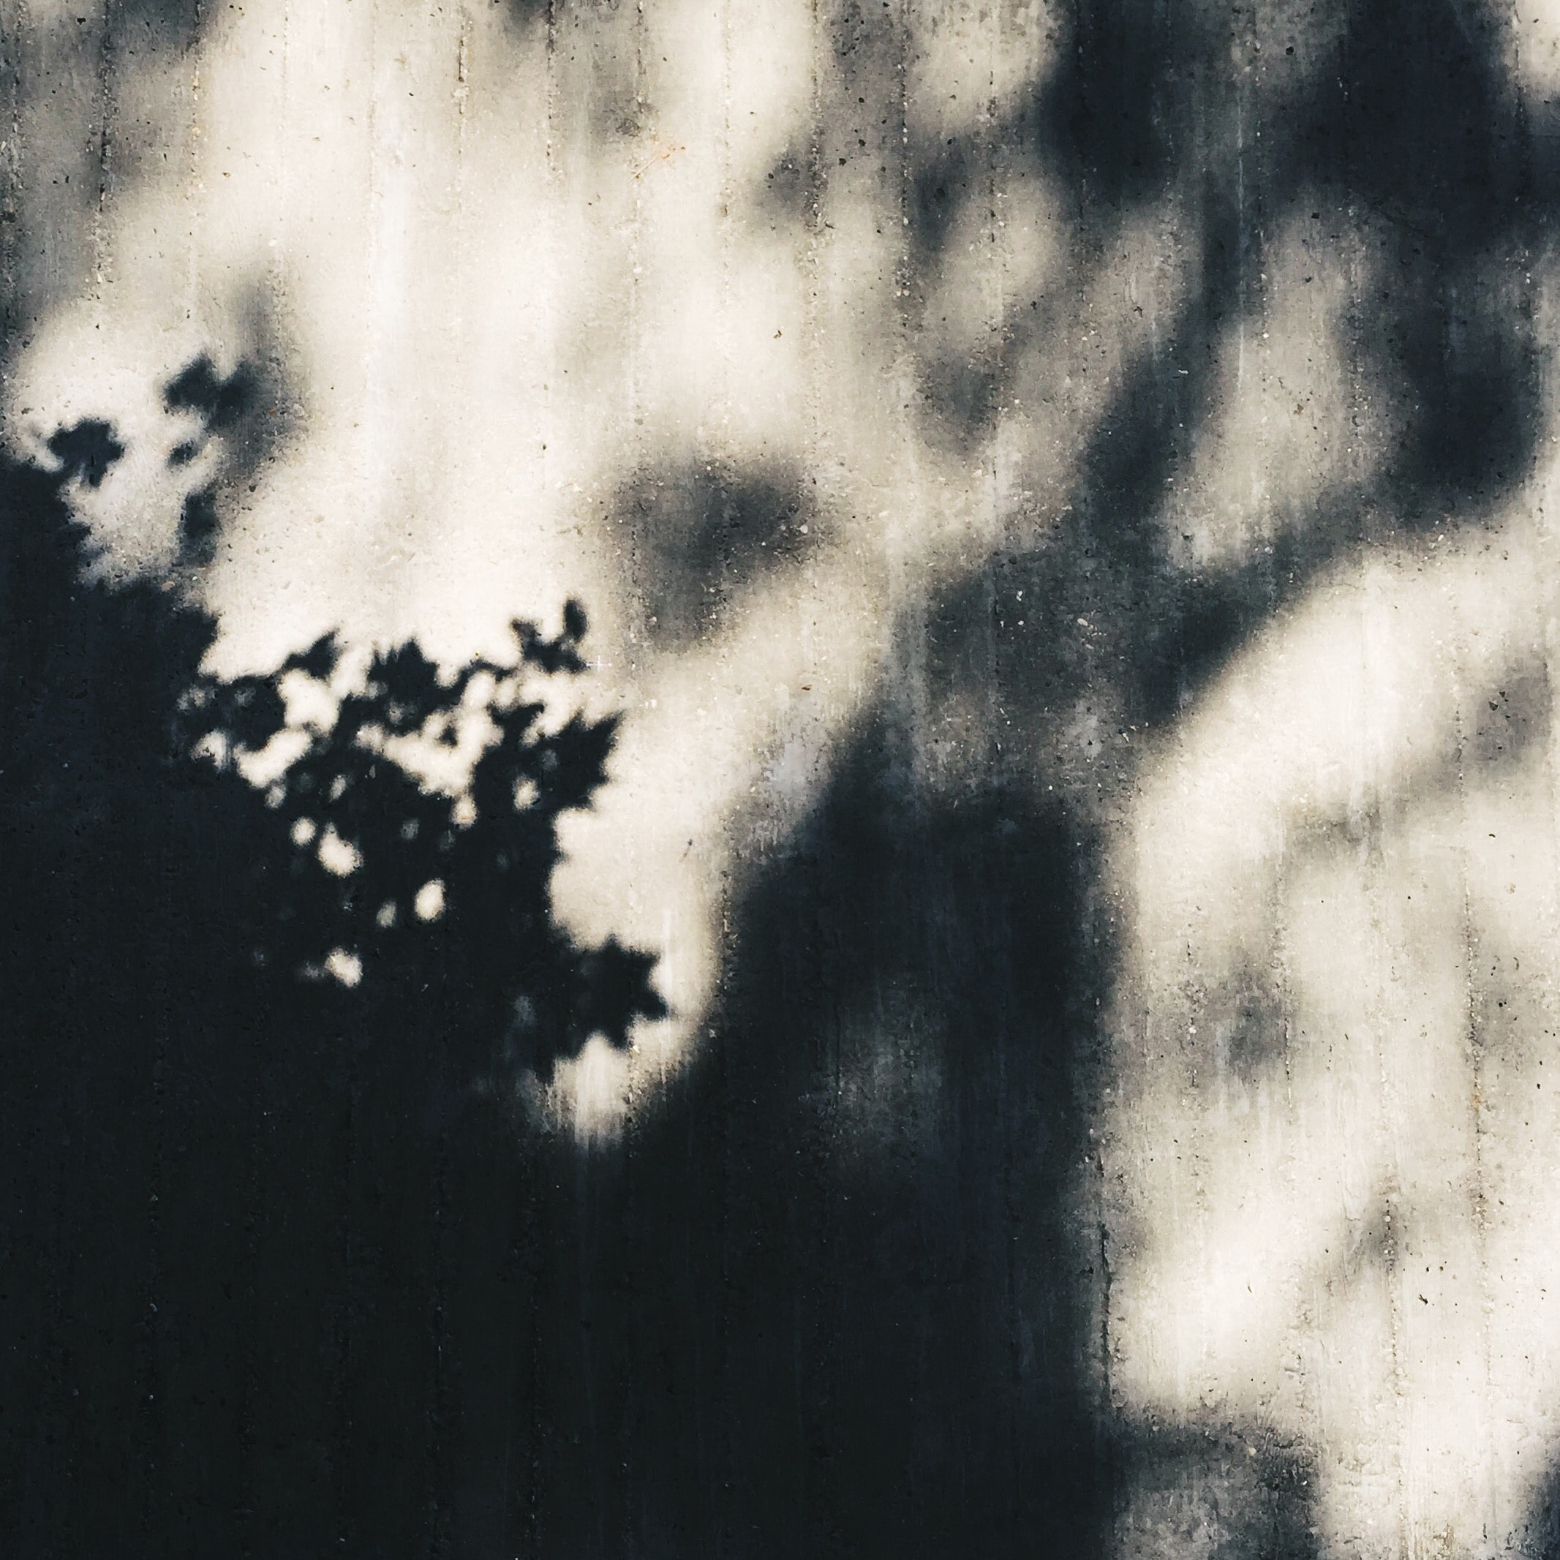 Sterbehilfe: Schatten auf einer weißen Wand. Symbolbild. Wo genau die Grenze zwischen legal und illegal verläuft, ist für den Angehörige in der Notlage nur schwer zu verstehen. Sterbehilfe – ein Blick auf Pro und Contra. In: Prinzip Apfelbaum. Magazin über das, was bleibt. Foto: Pacific Austin on Unsplash